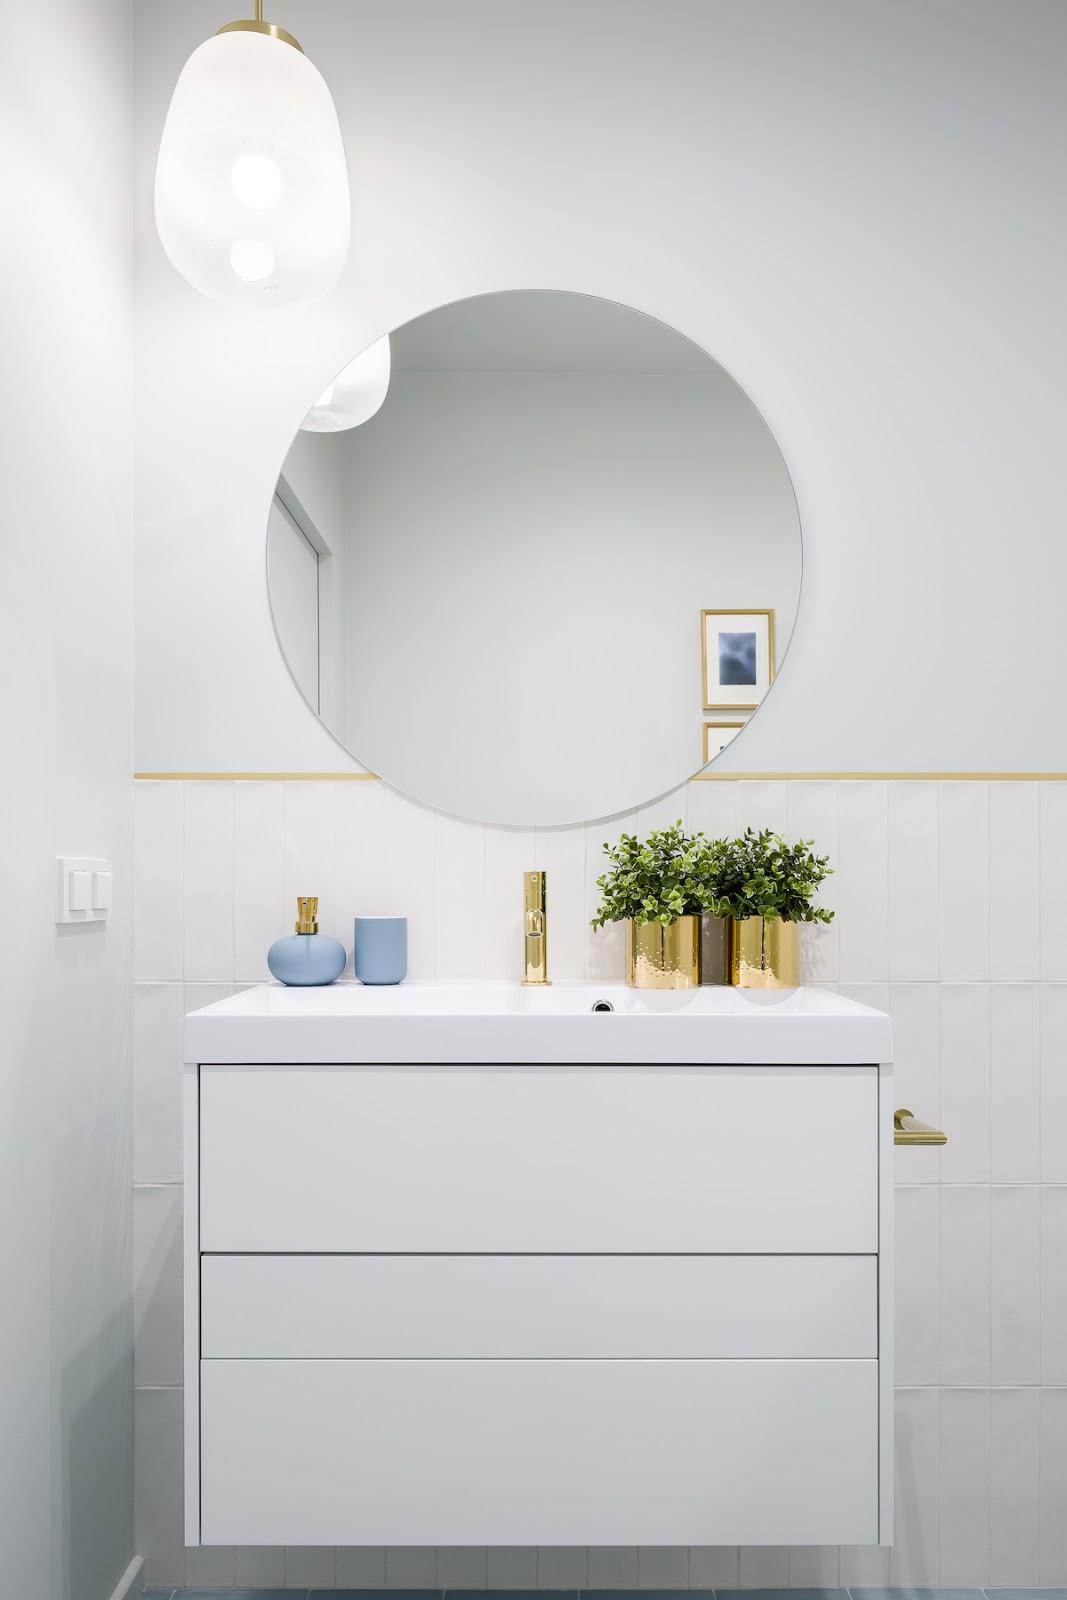 Baño blanco con azulejos pintados